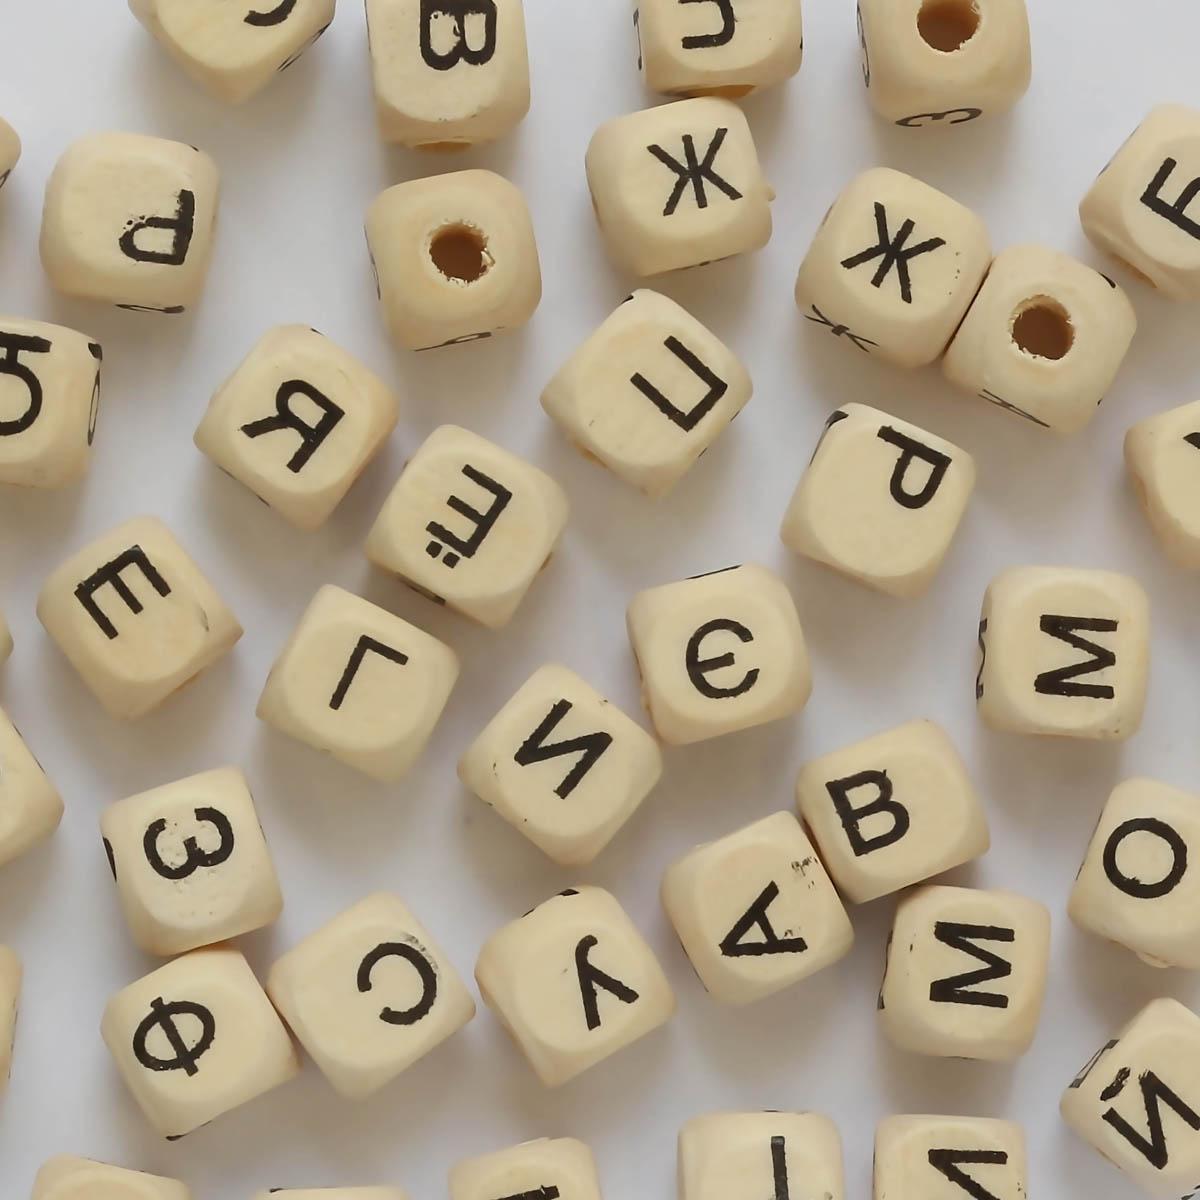 Бусины деревянные с буквами Русский алфавит, 10*10мм Астра